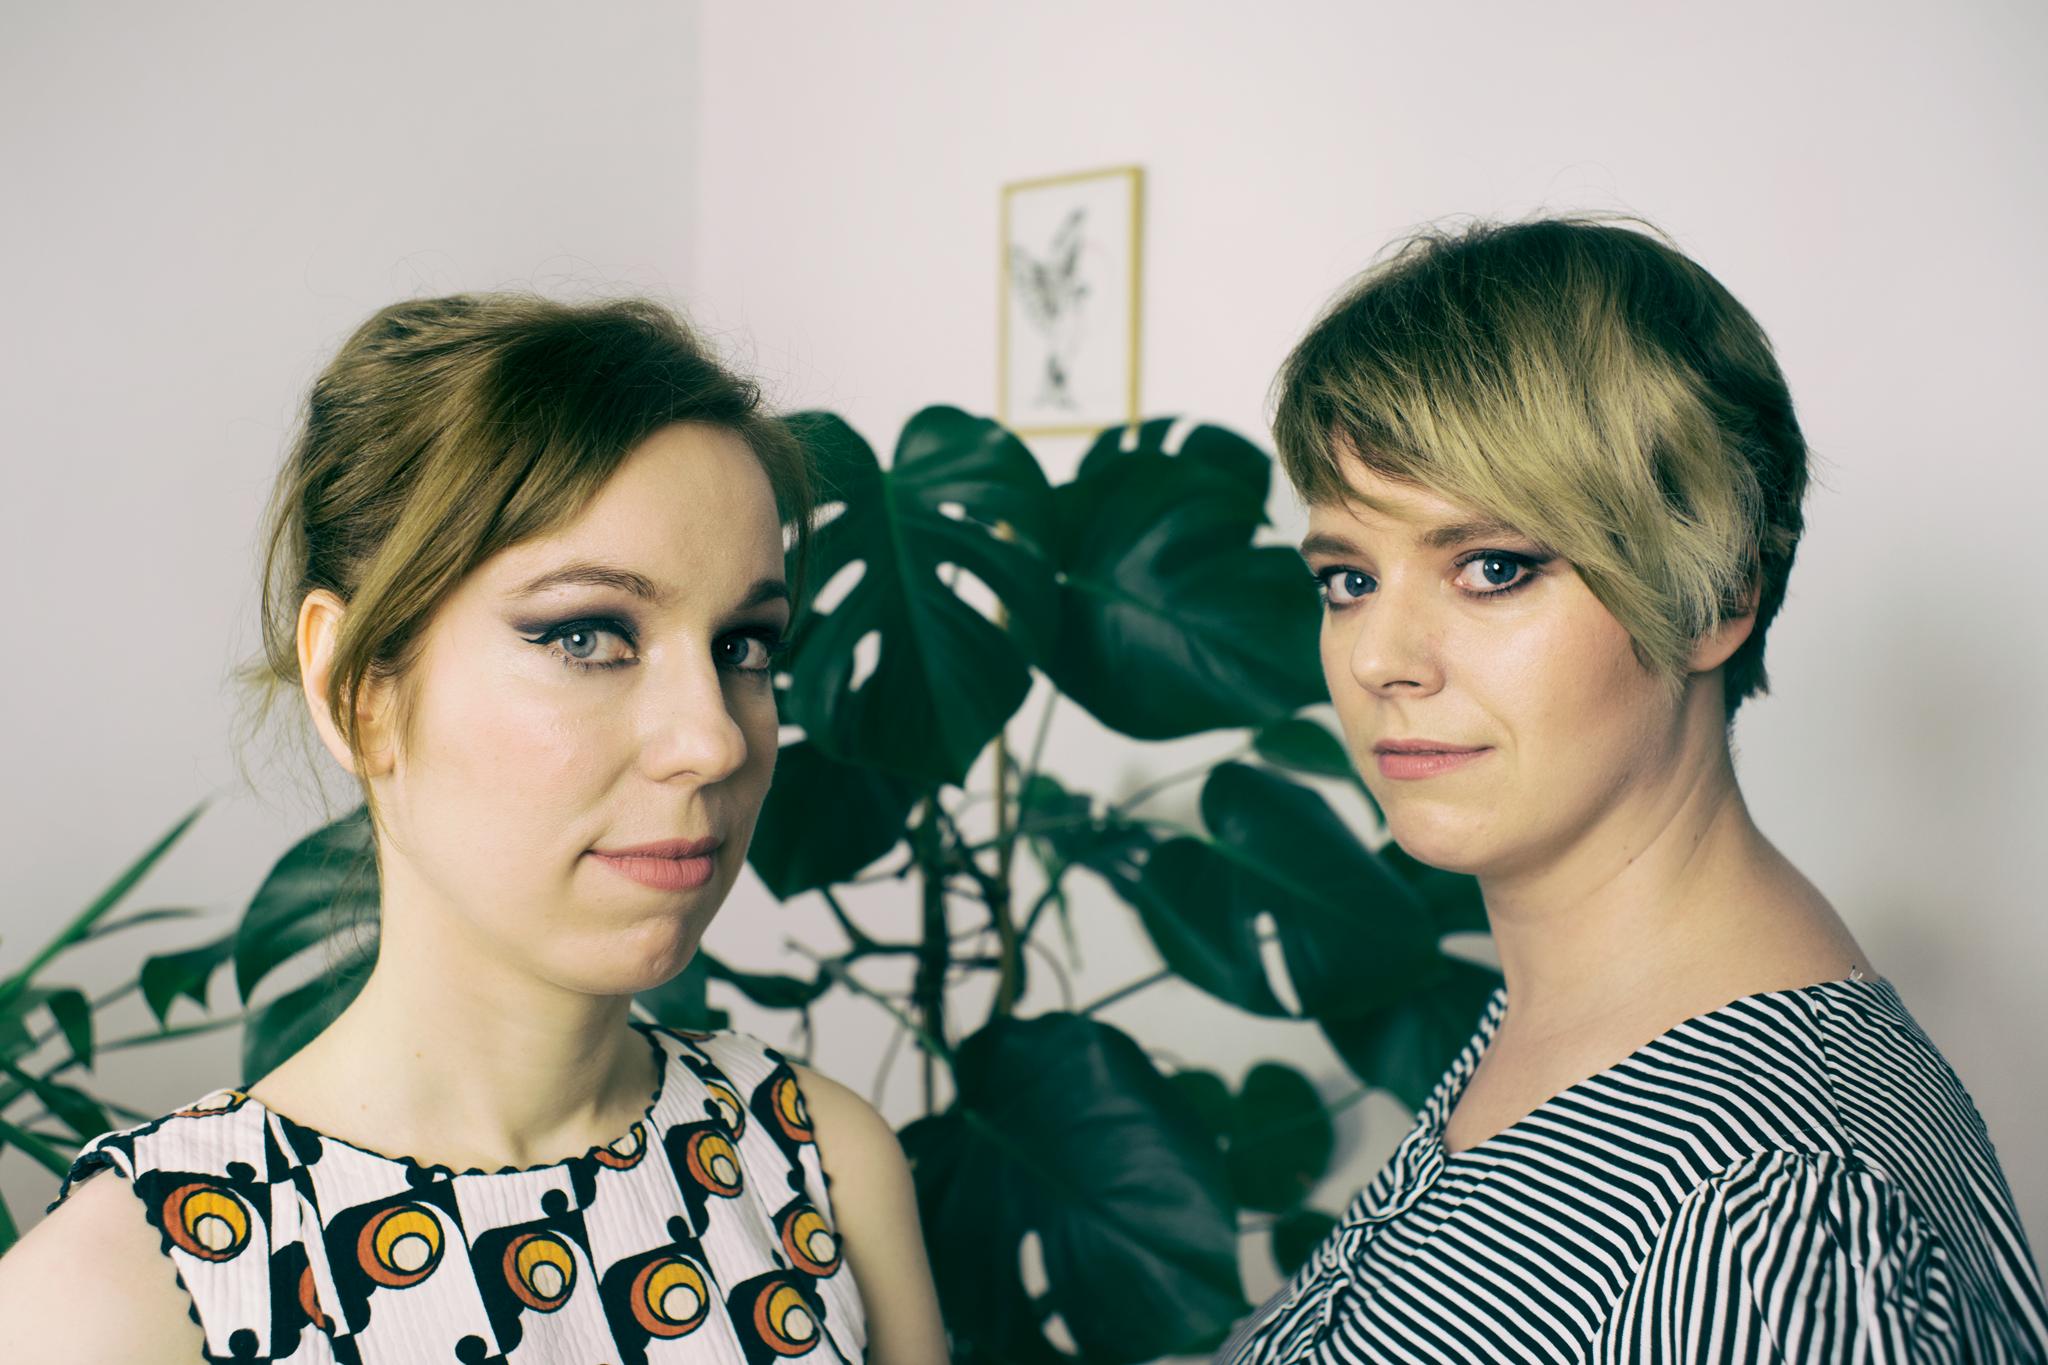 Dwie dziewczyny na tle roślin i białej ściany